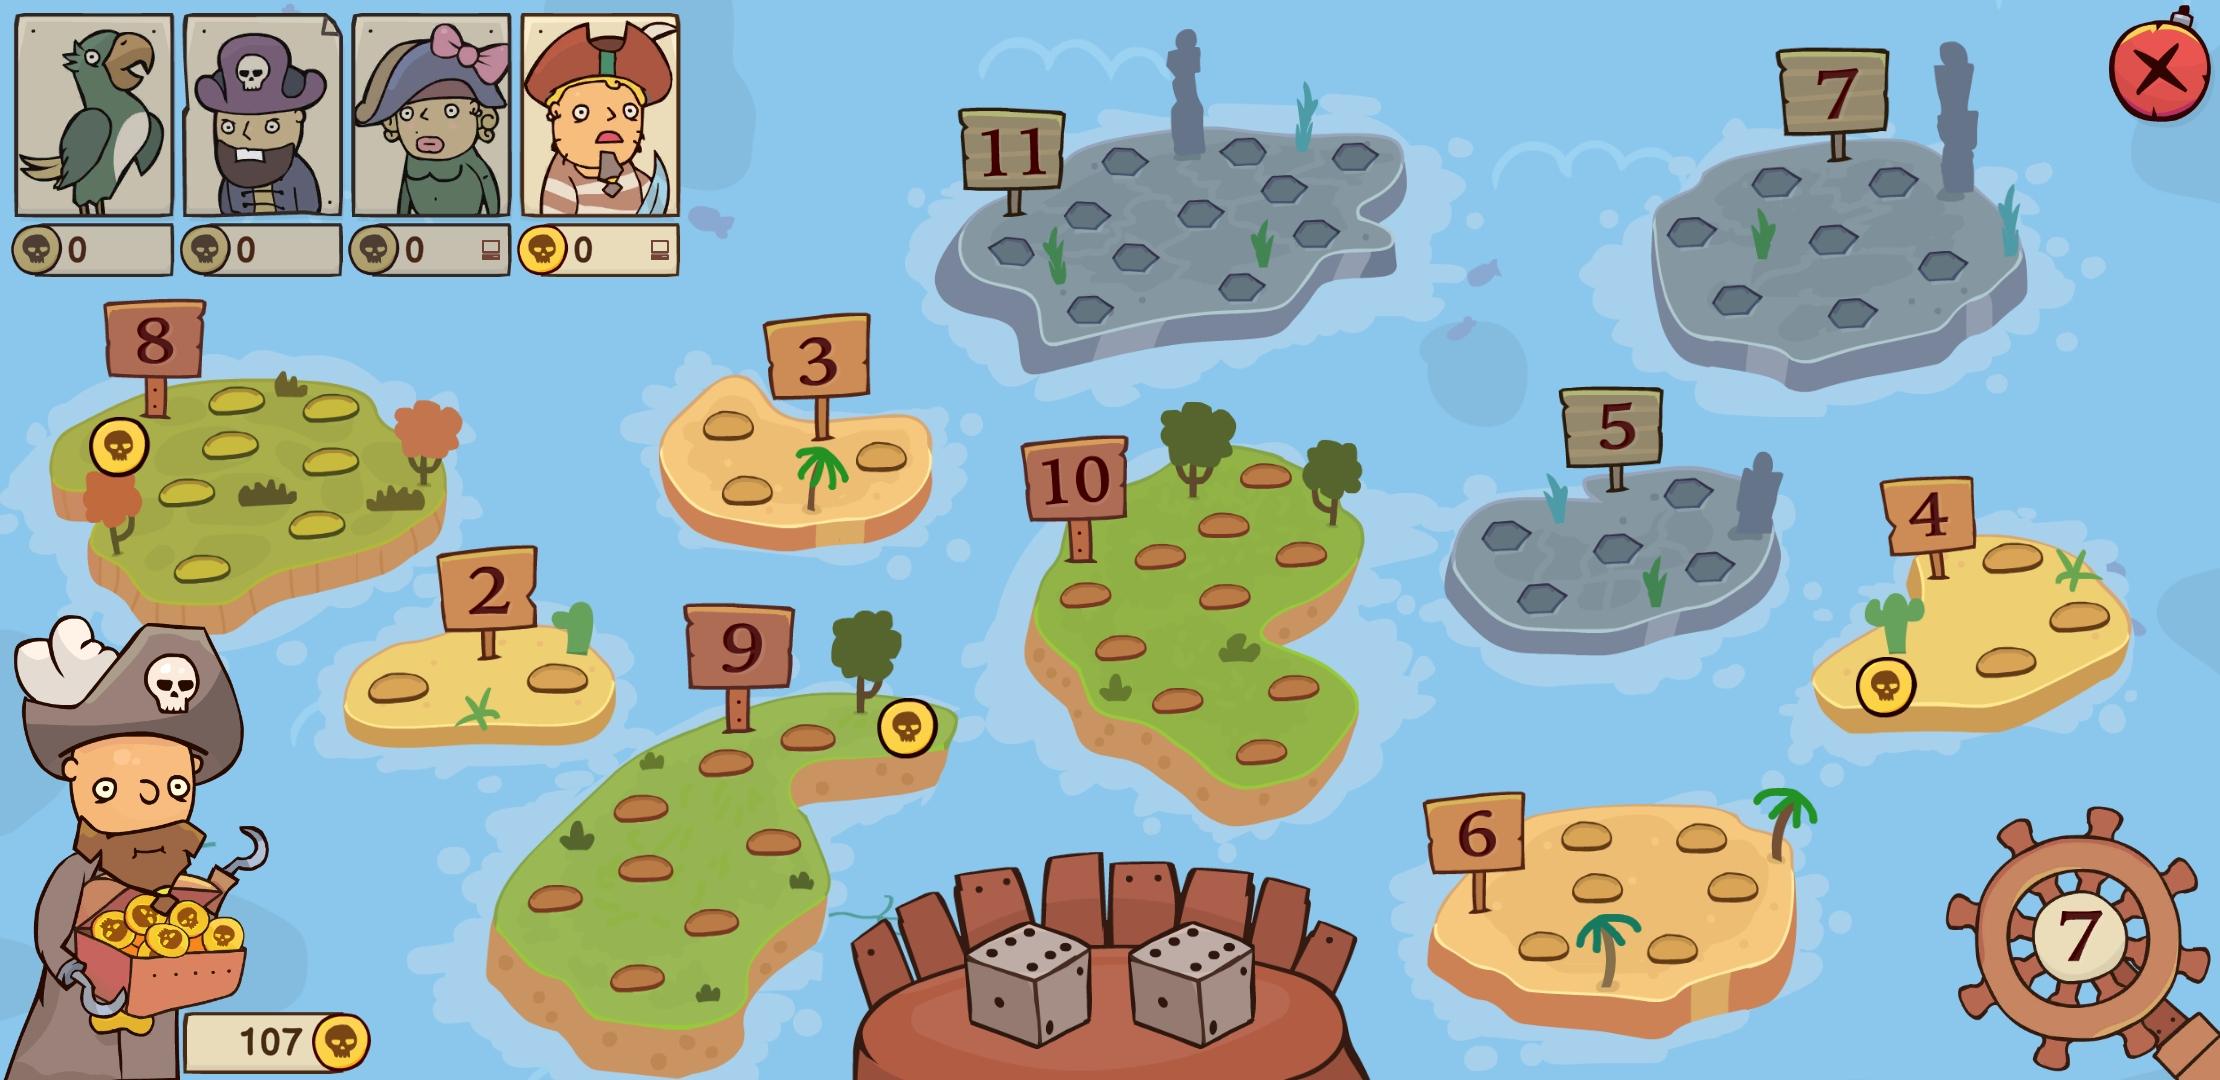 PirateTreasureHunt_Screenshot05-EN